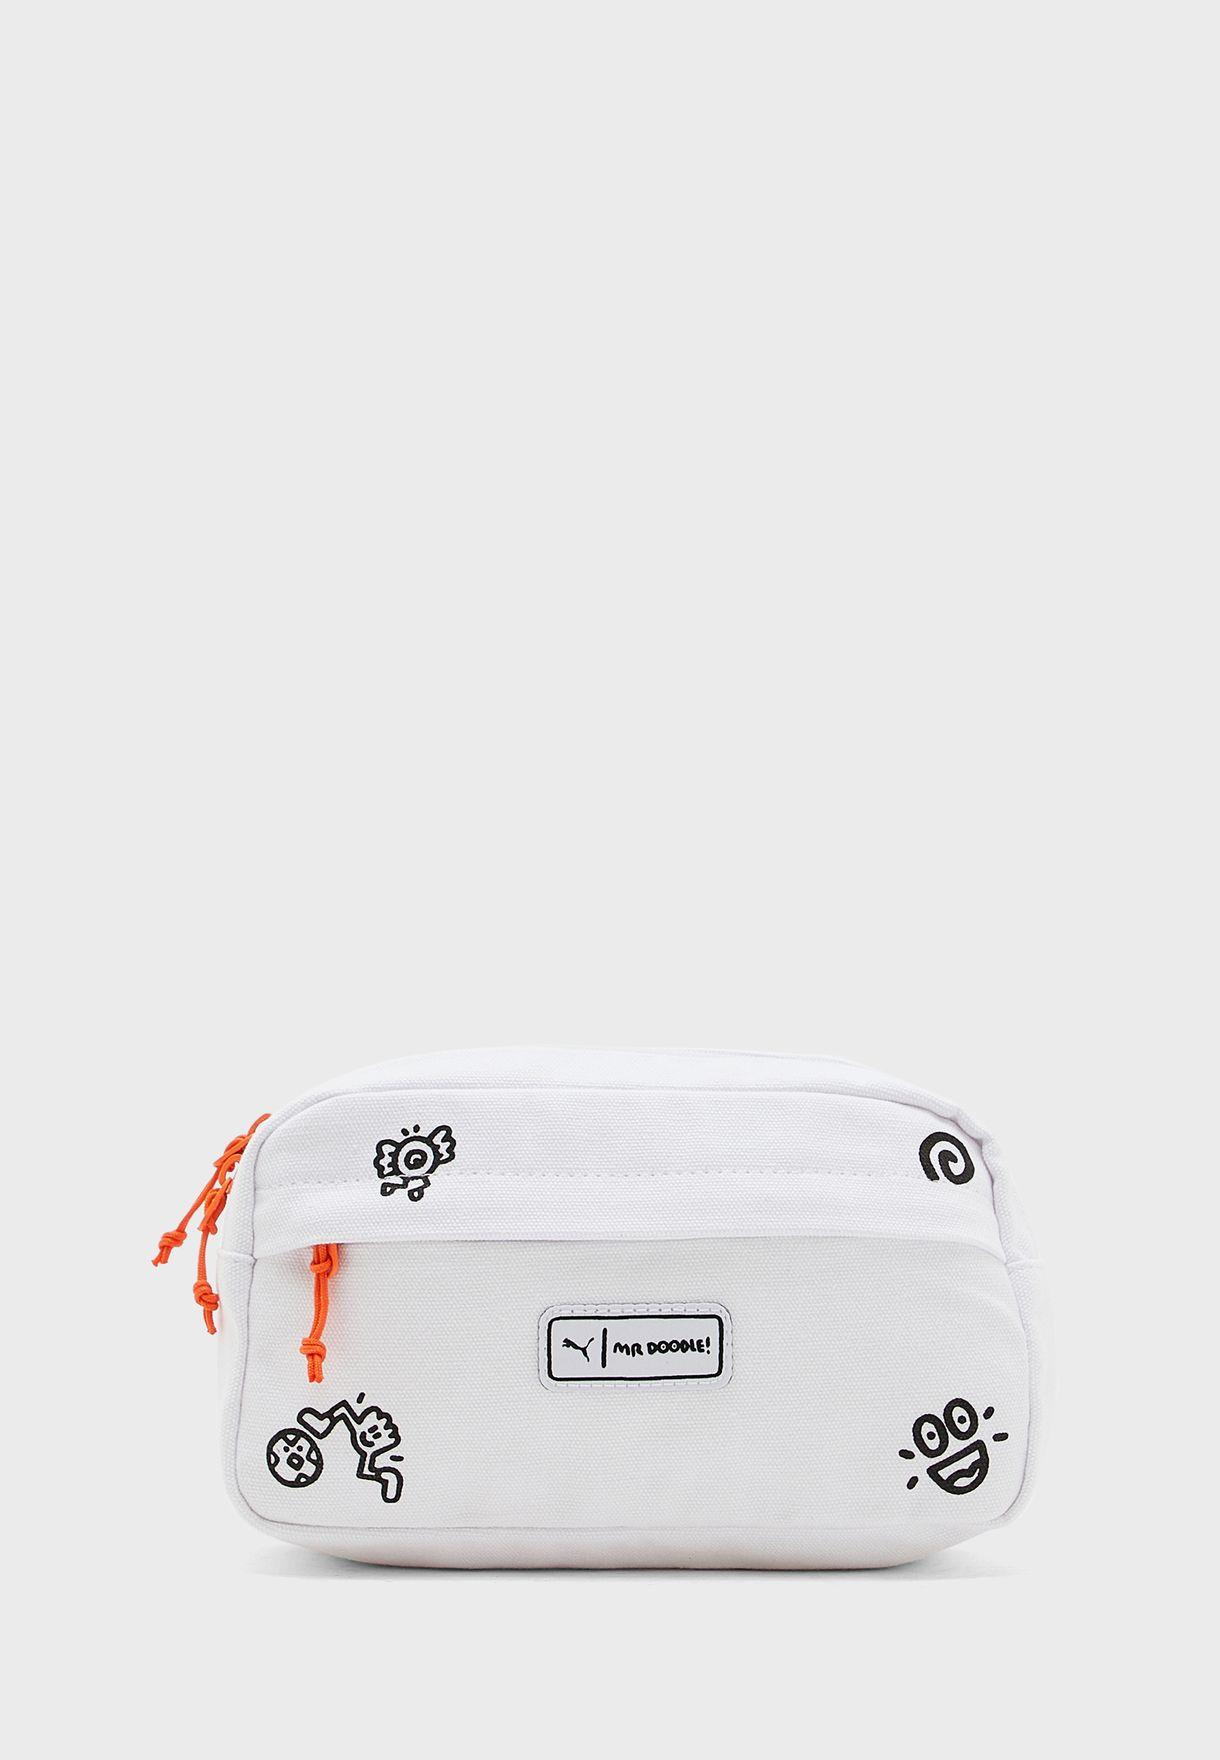 Mr. Doodle Waistbag